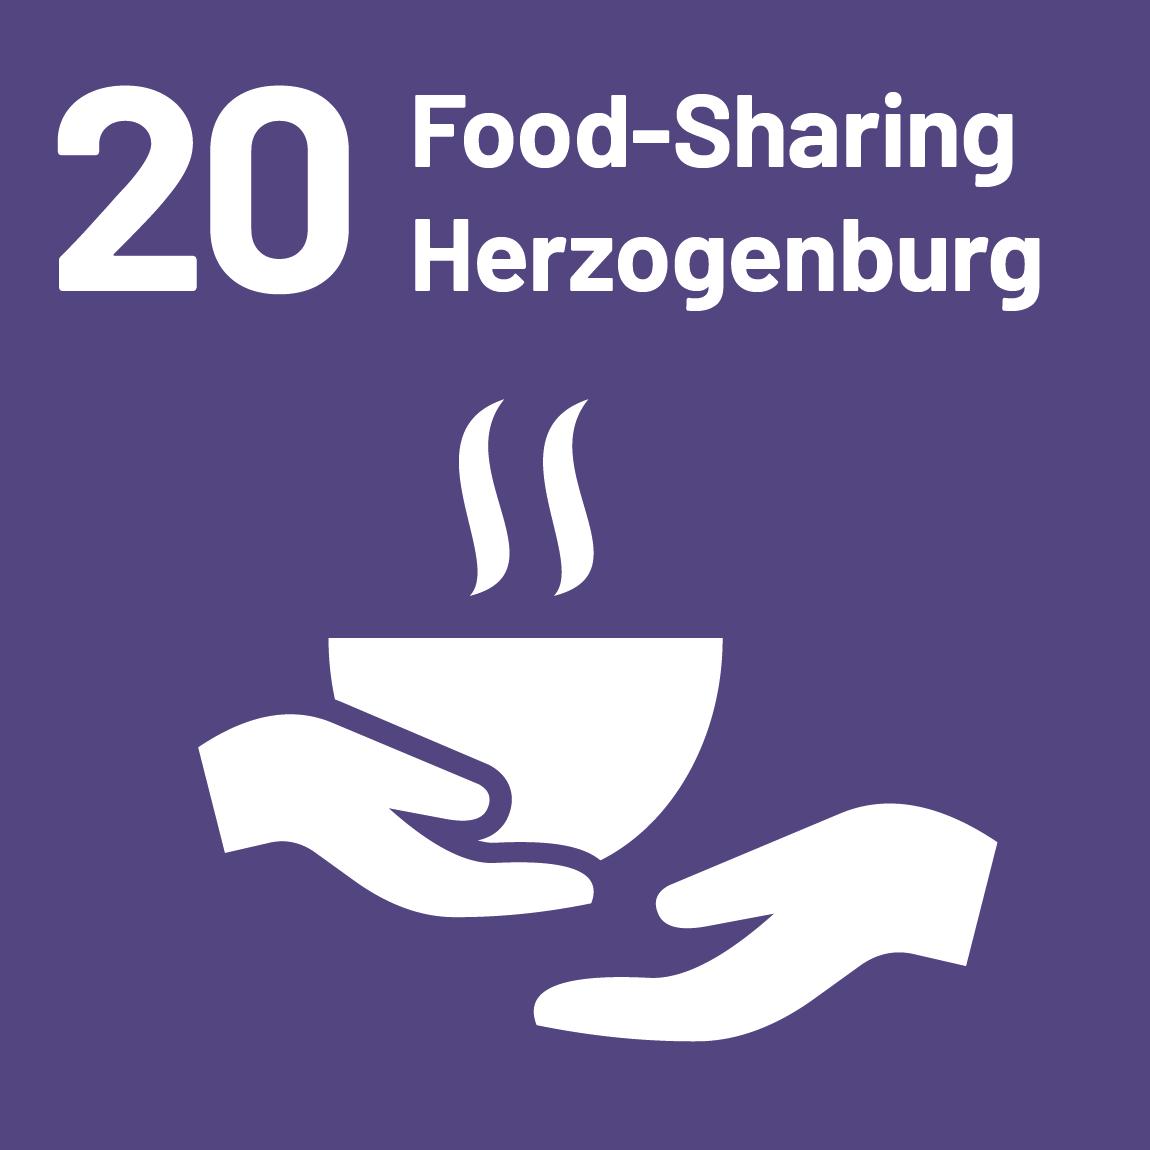 food-sharing-herzogenburg.png